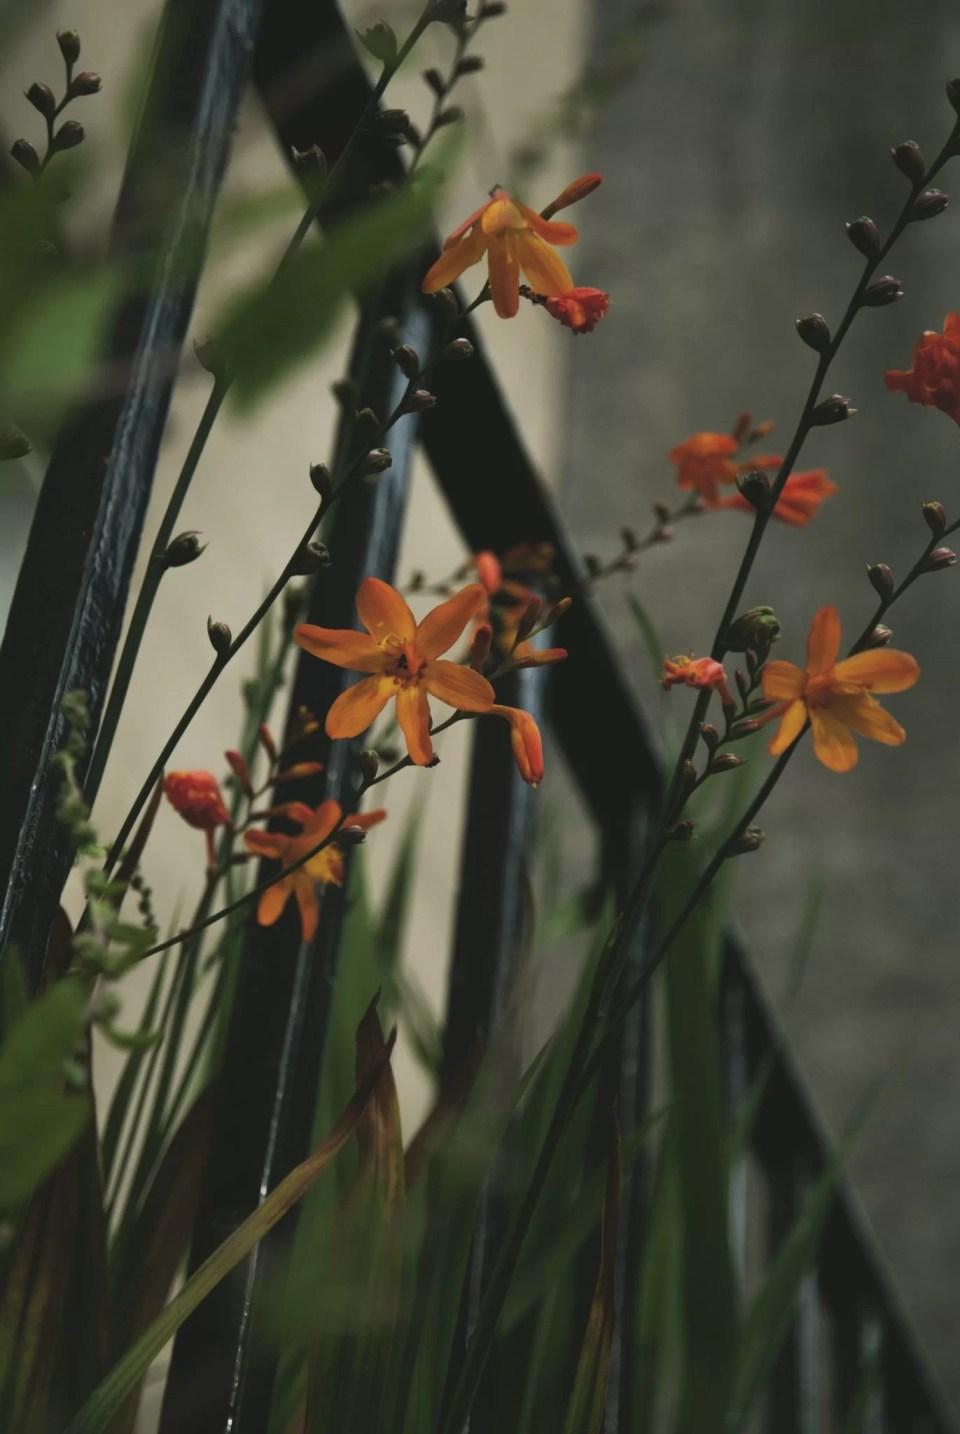 Zdjęcia kwiatów makro